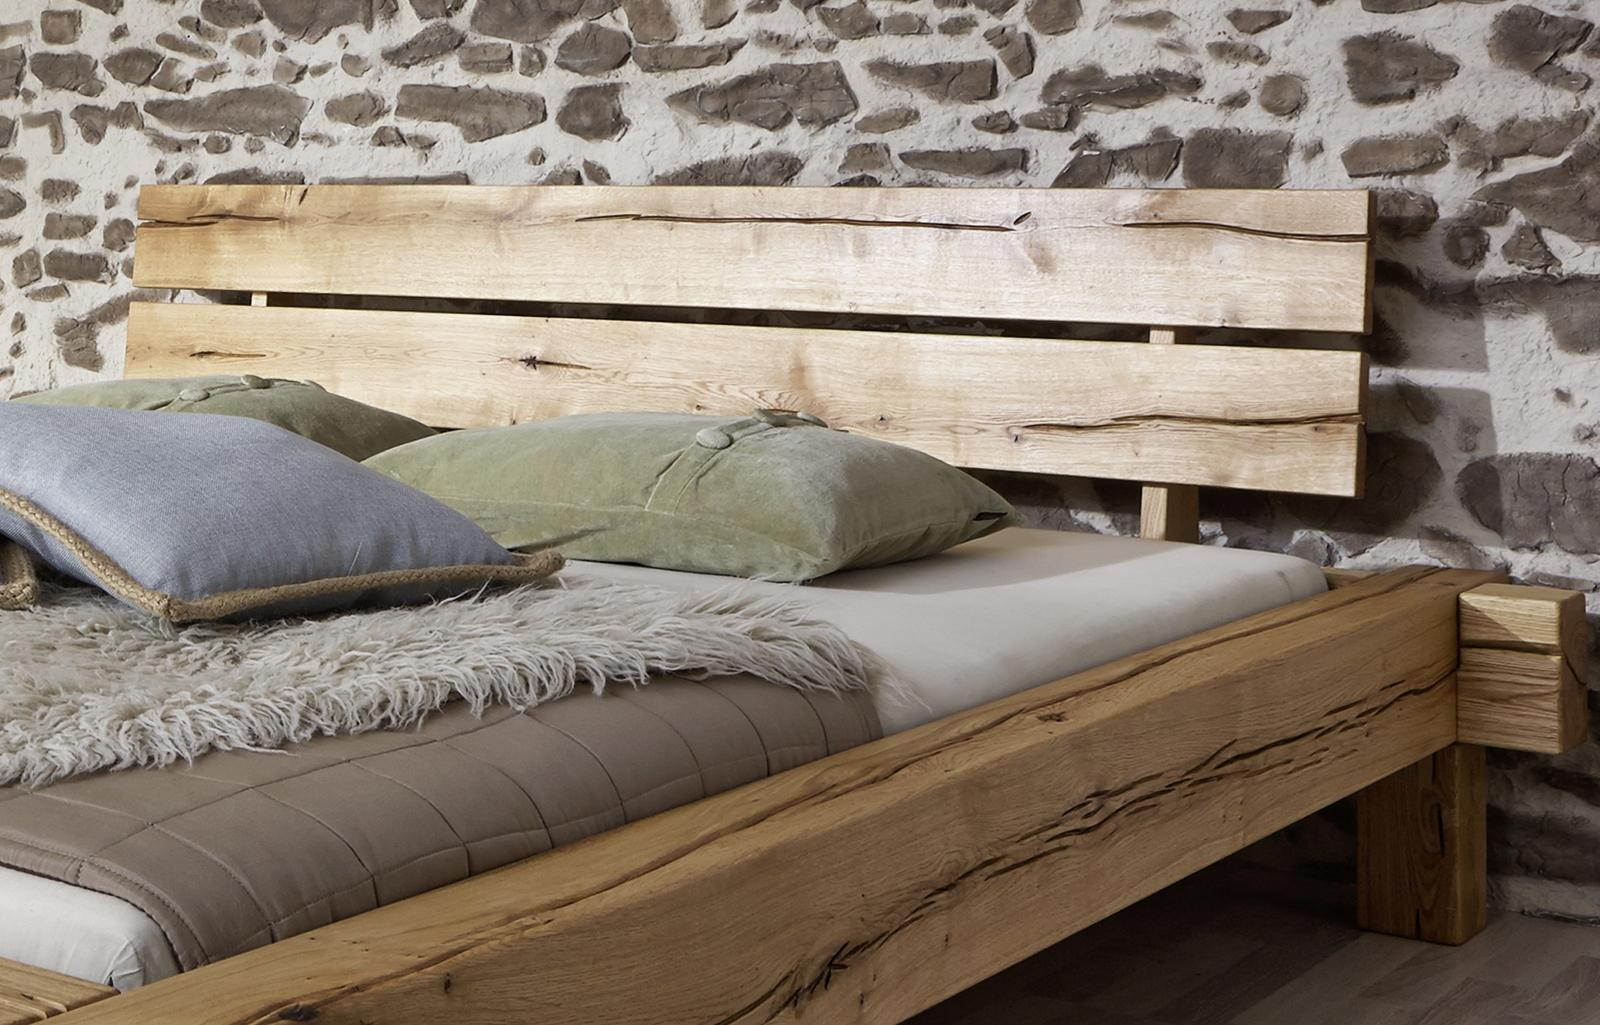 Full Size of Balkenbett 180x200 Betten Bett Günstig Rauch Schlafsofa Liegefläche Weiß Amazon Massivholz Mit Bettkasten Kaufen Eiche Massiv Günstige Nussbaum Ebay Wohnzimmer Balkenbett 180x200